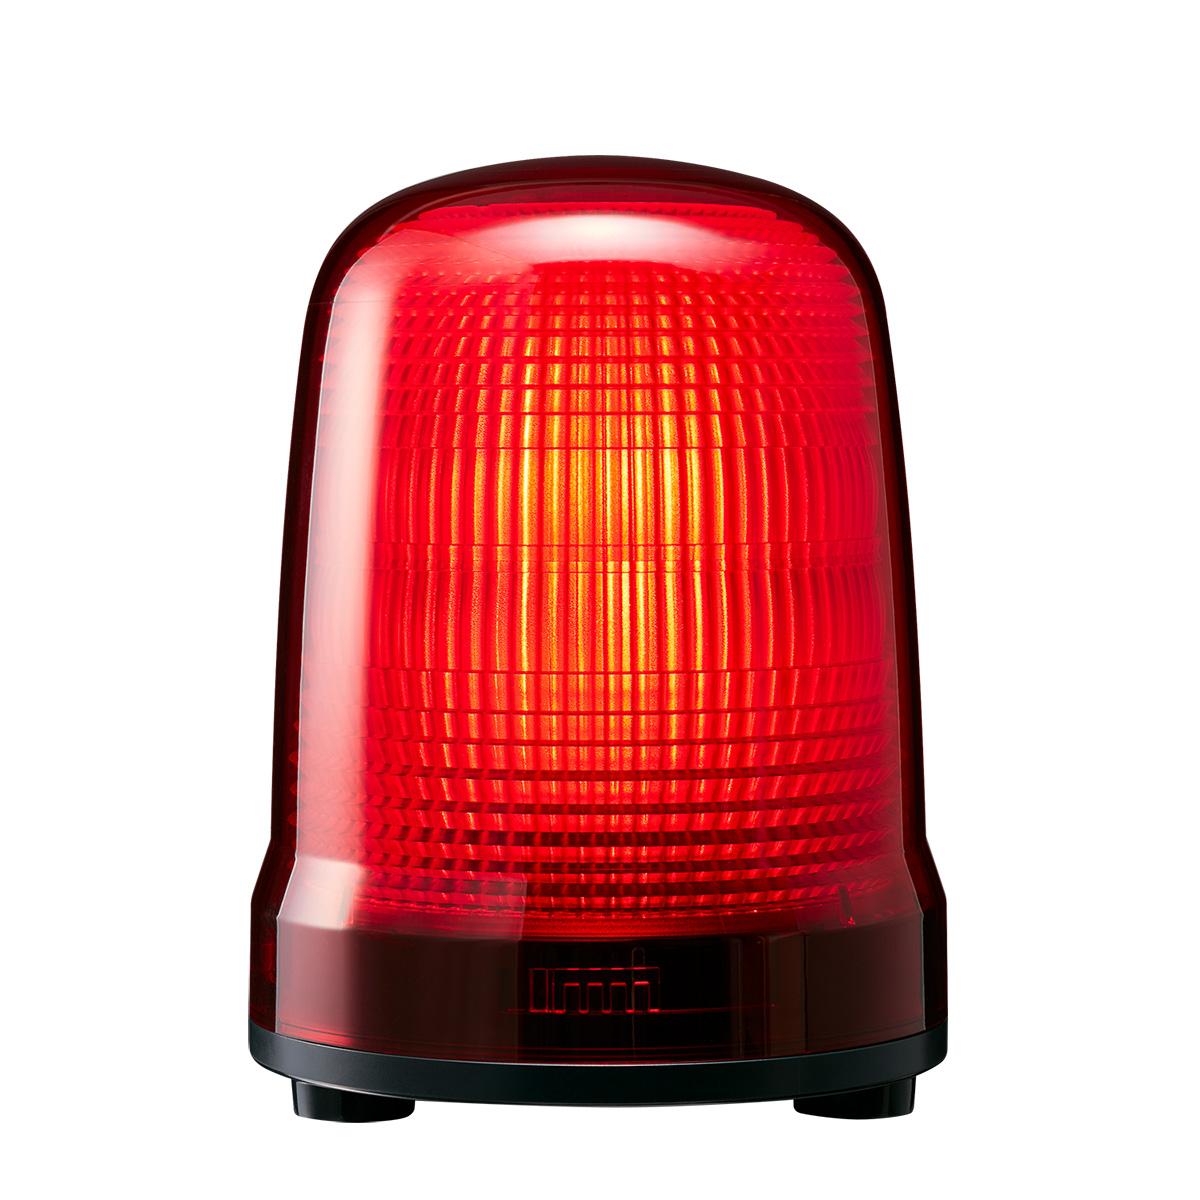 スーパーセール期間限定 パトライト LED表示灯 SL AC100~240V 5.6W 150mm レッド(赤色) キャブタイヤコード・3点ボルト足取付 SL15-M2JN-R, コクブシ 4aea132a